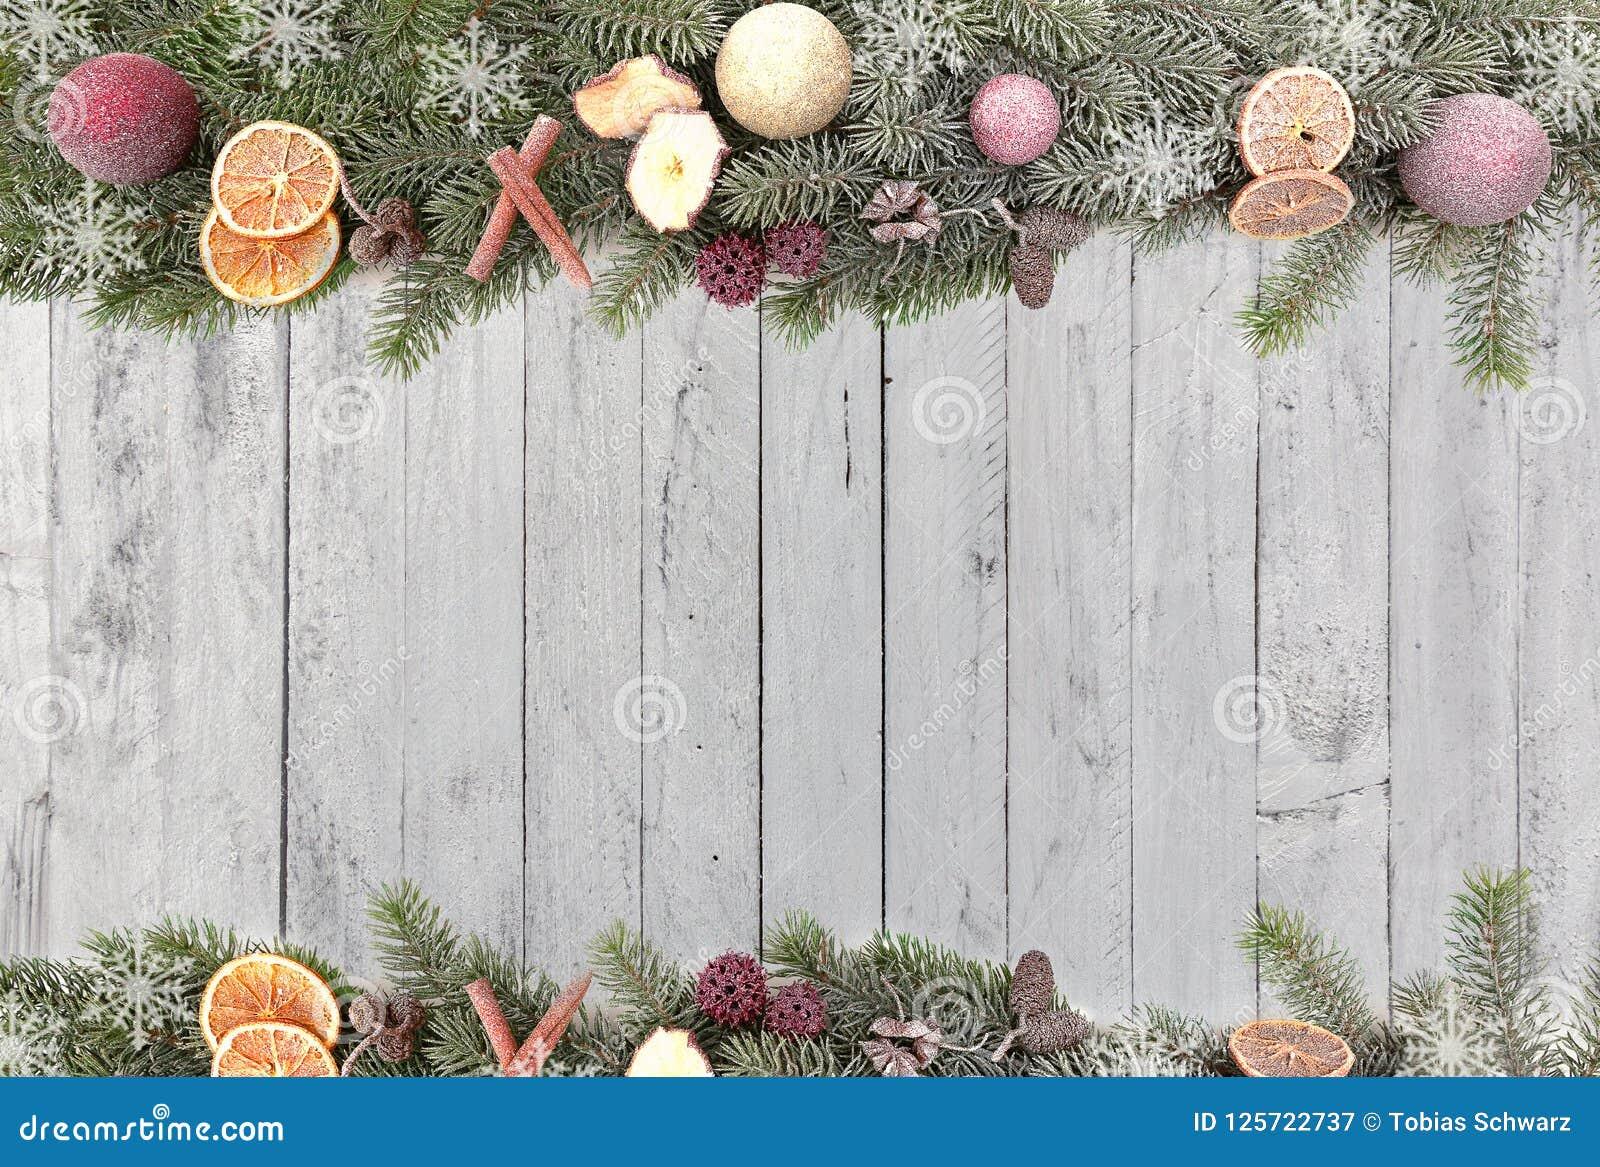 Weihnachtstannenzweige Mit Weihnachten Trägt, Weiße Schneeflocken ...